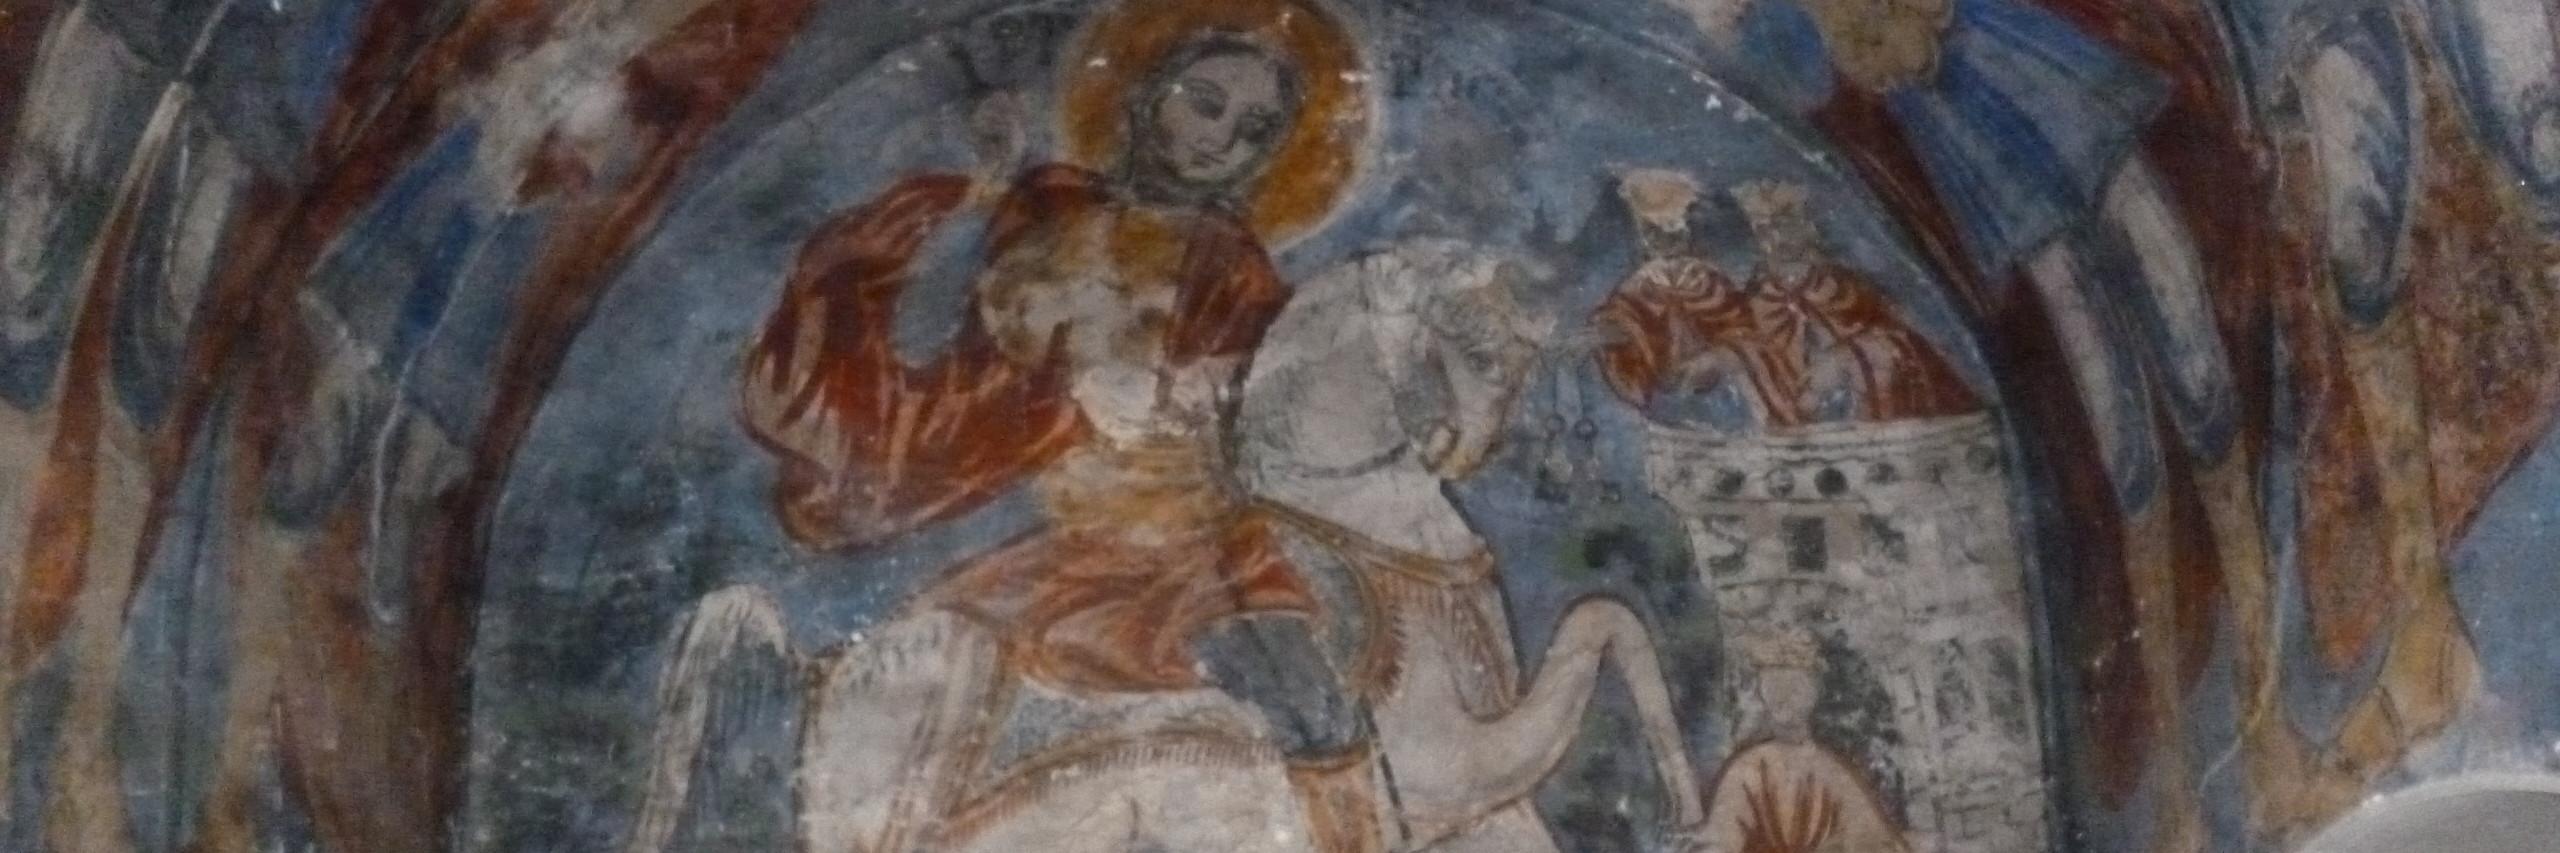 Александр Гильфердинг о монастыре Гомионица